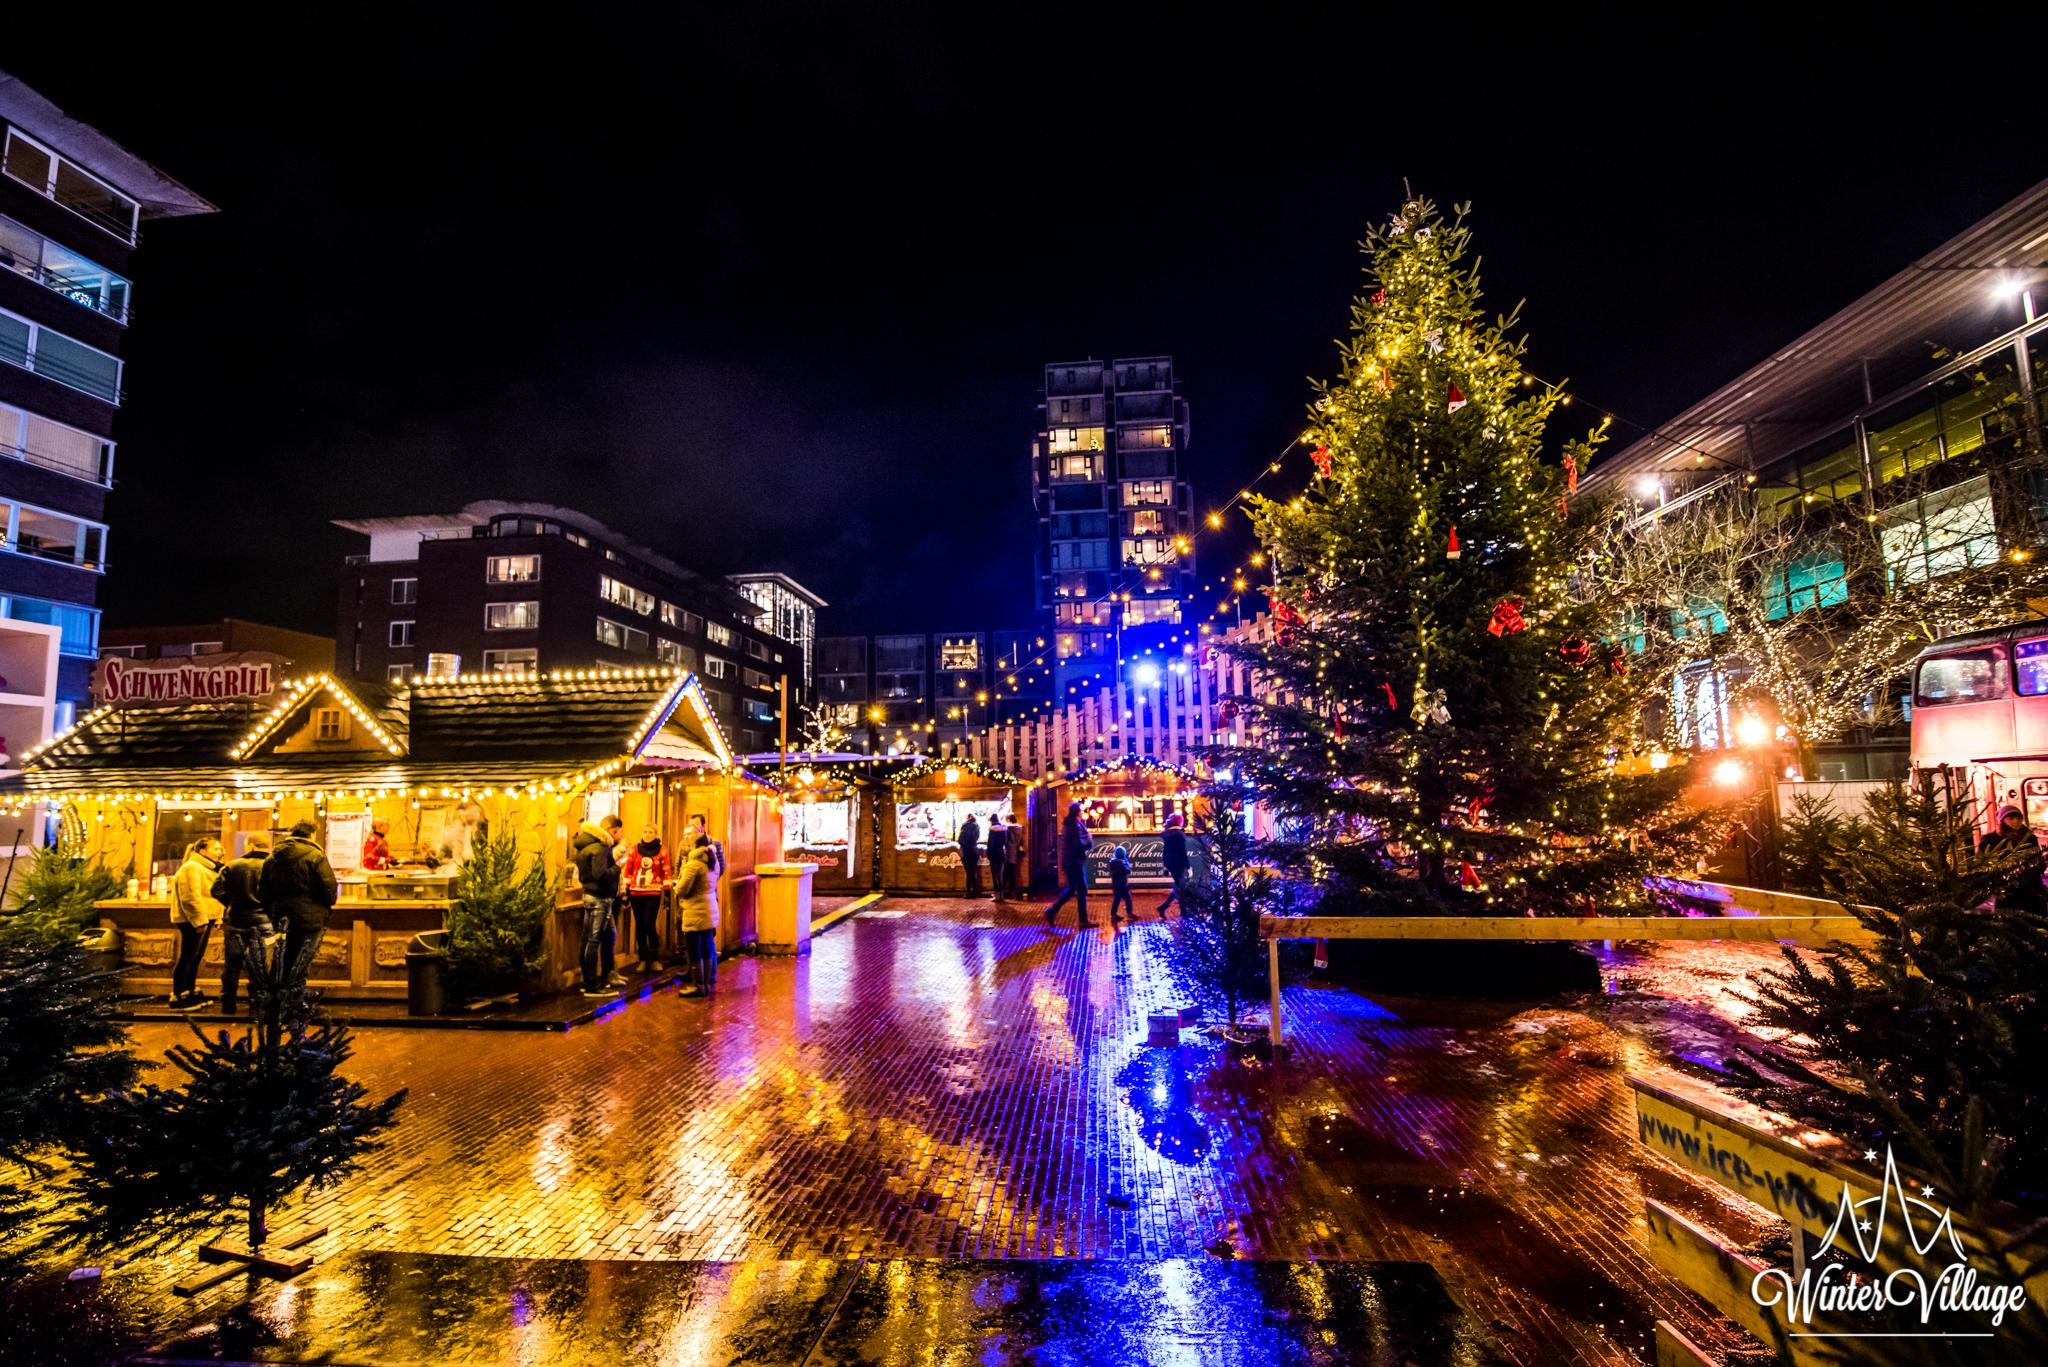 De Activiteiten Van Winter Village Stadshart Amstelveen